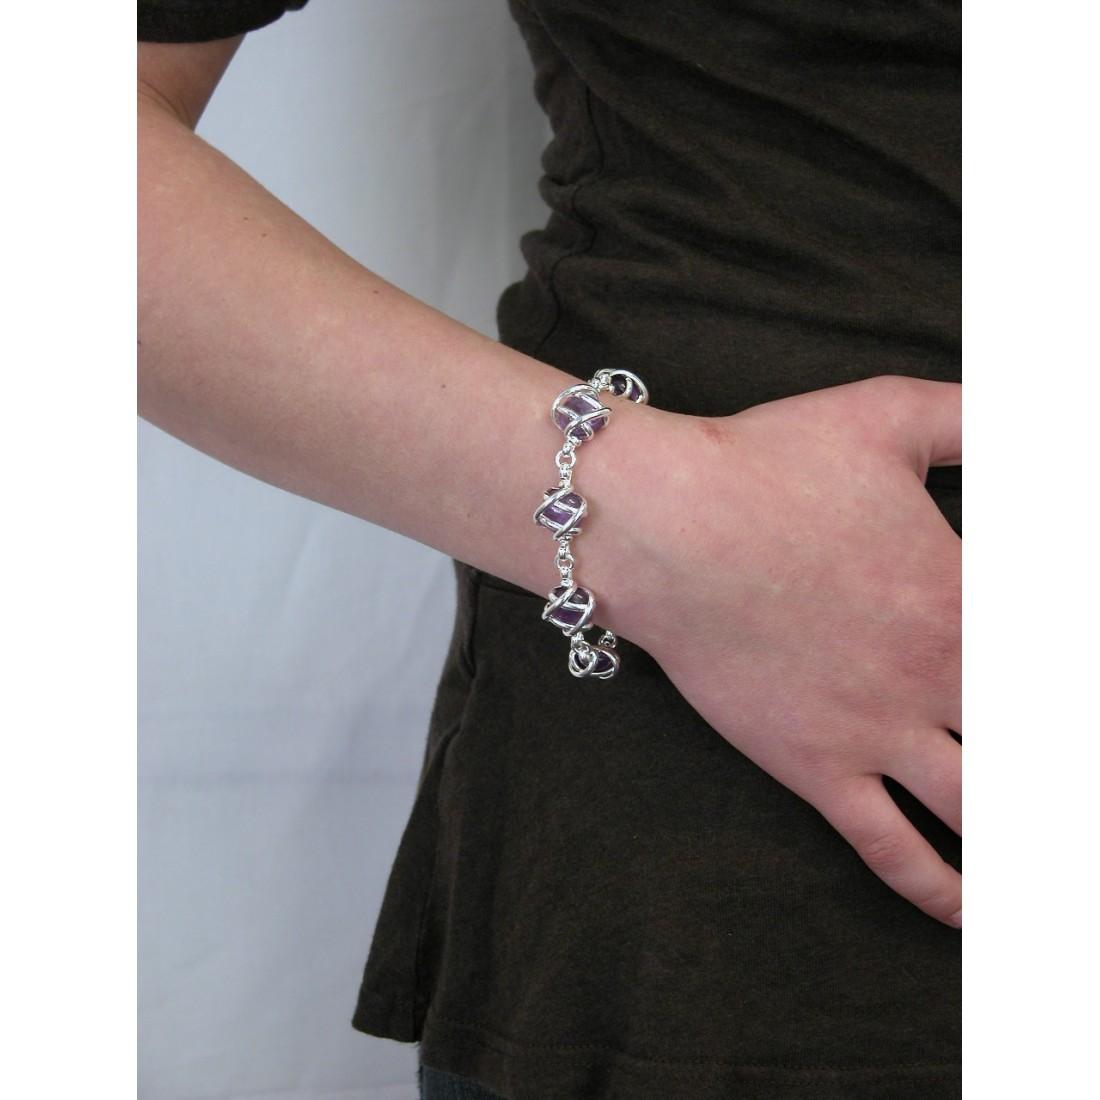 Bracelet fantaisie avec des pierres de couleur violette.